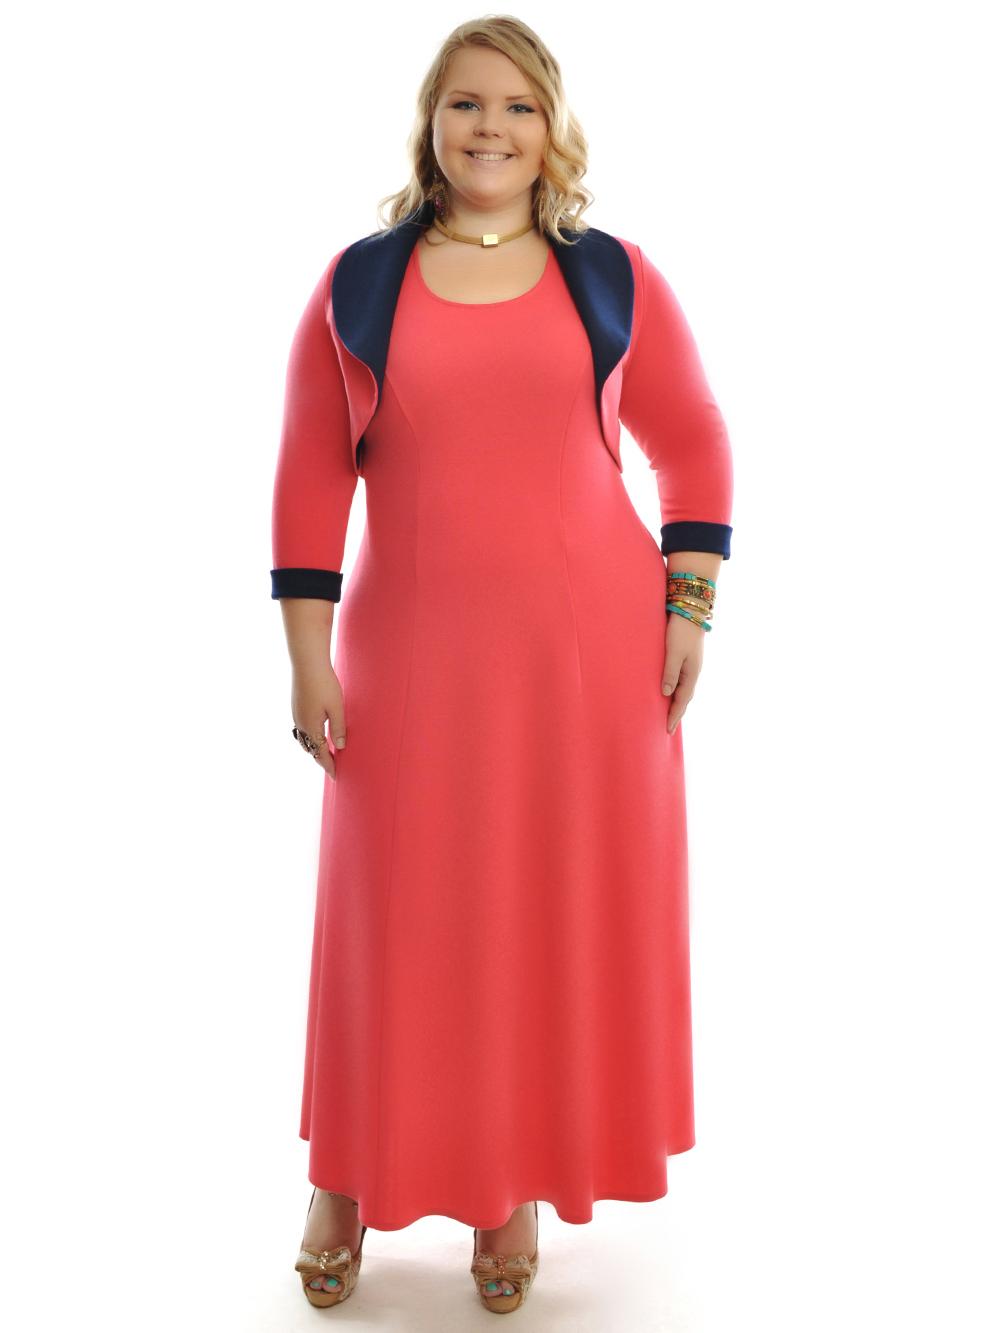 Женская Одежда Больших Размеров Недорого Розница